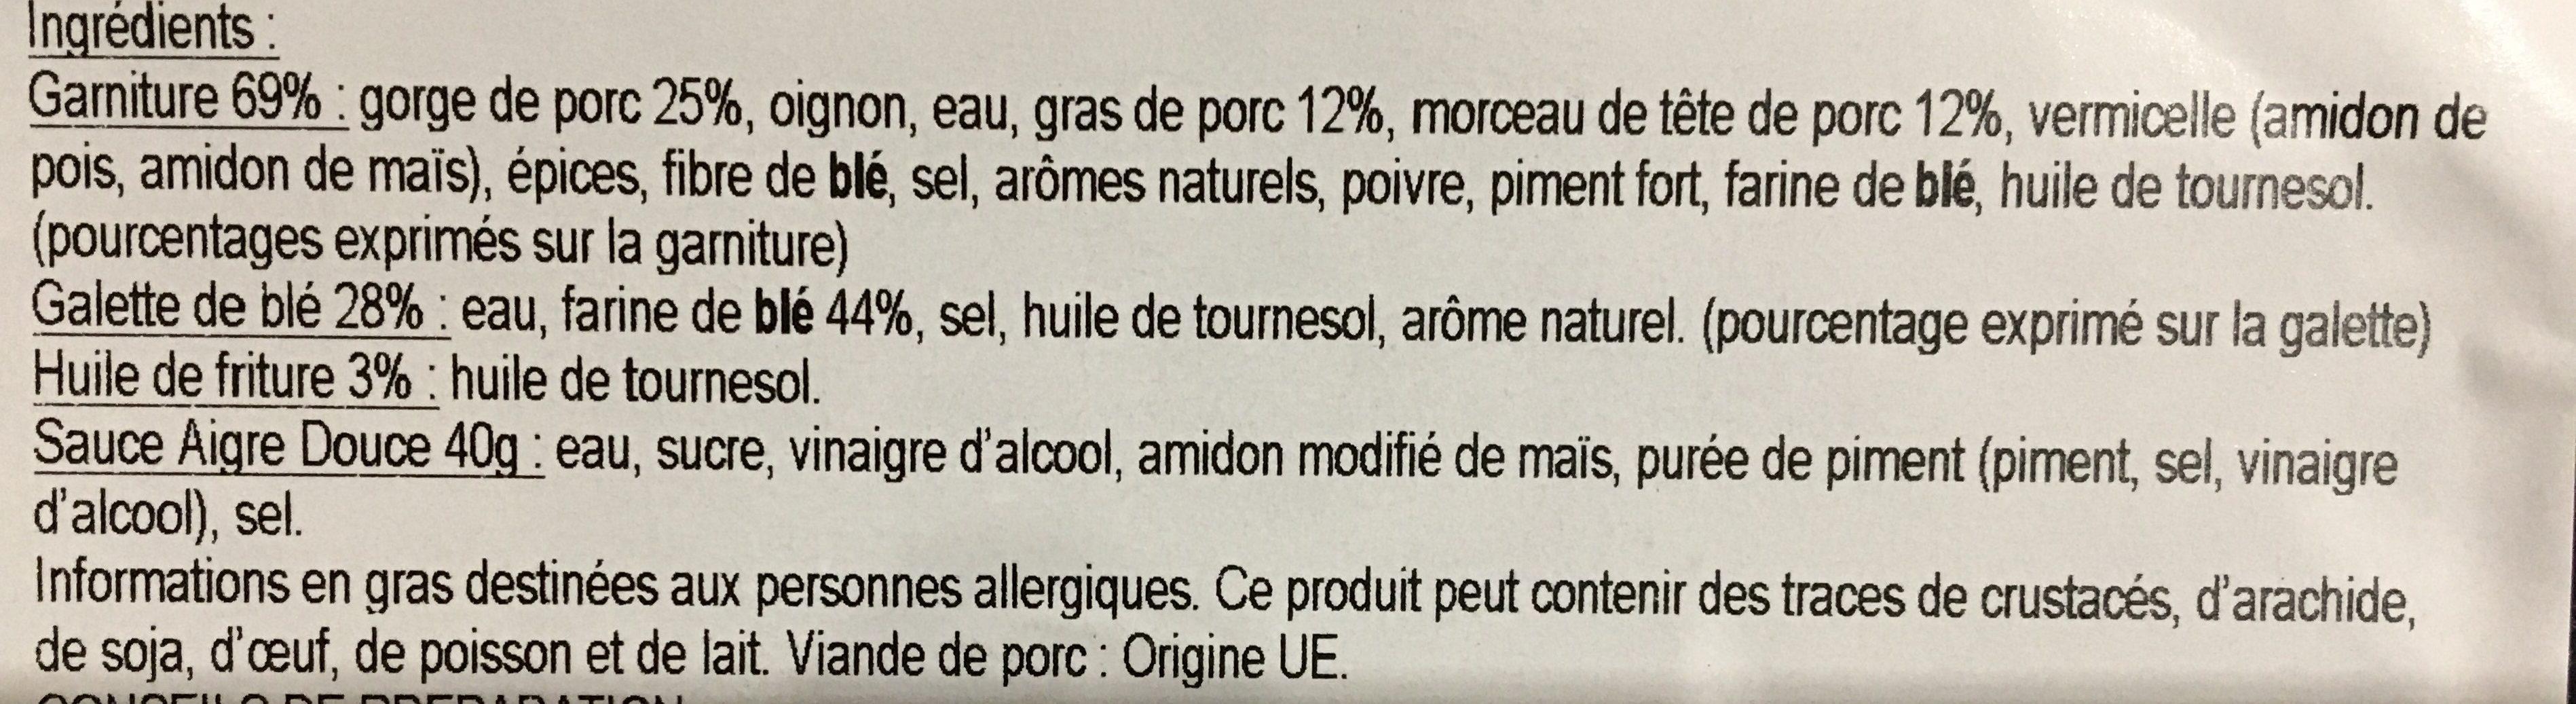 Samoussas Porc - Ingrédients - fr